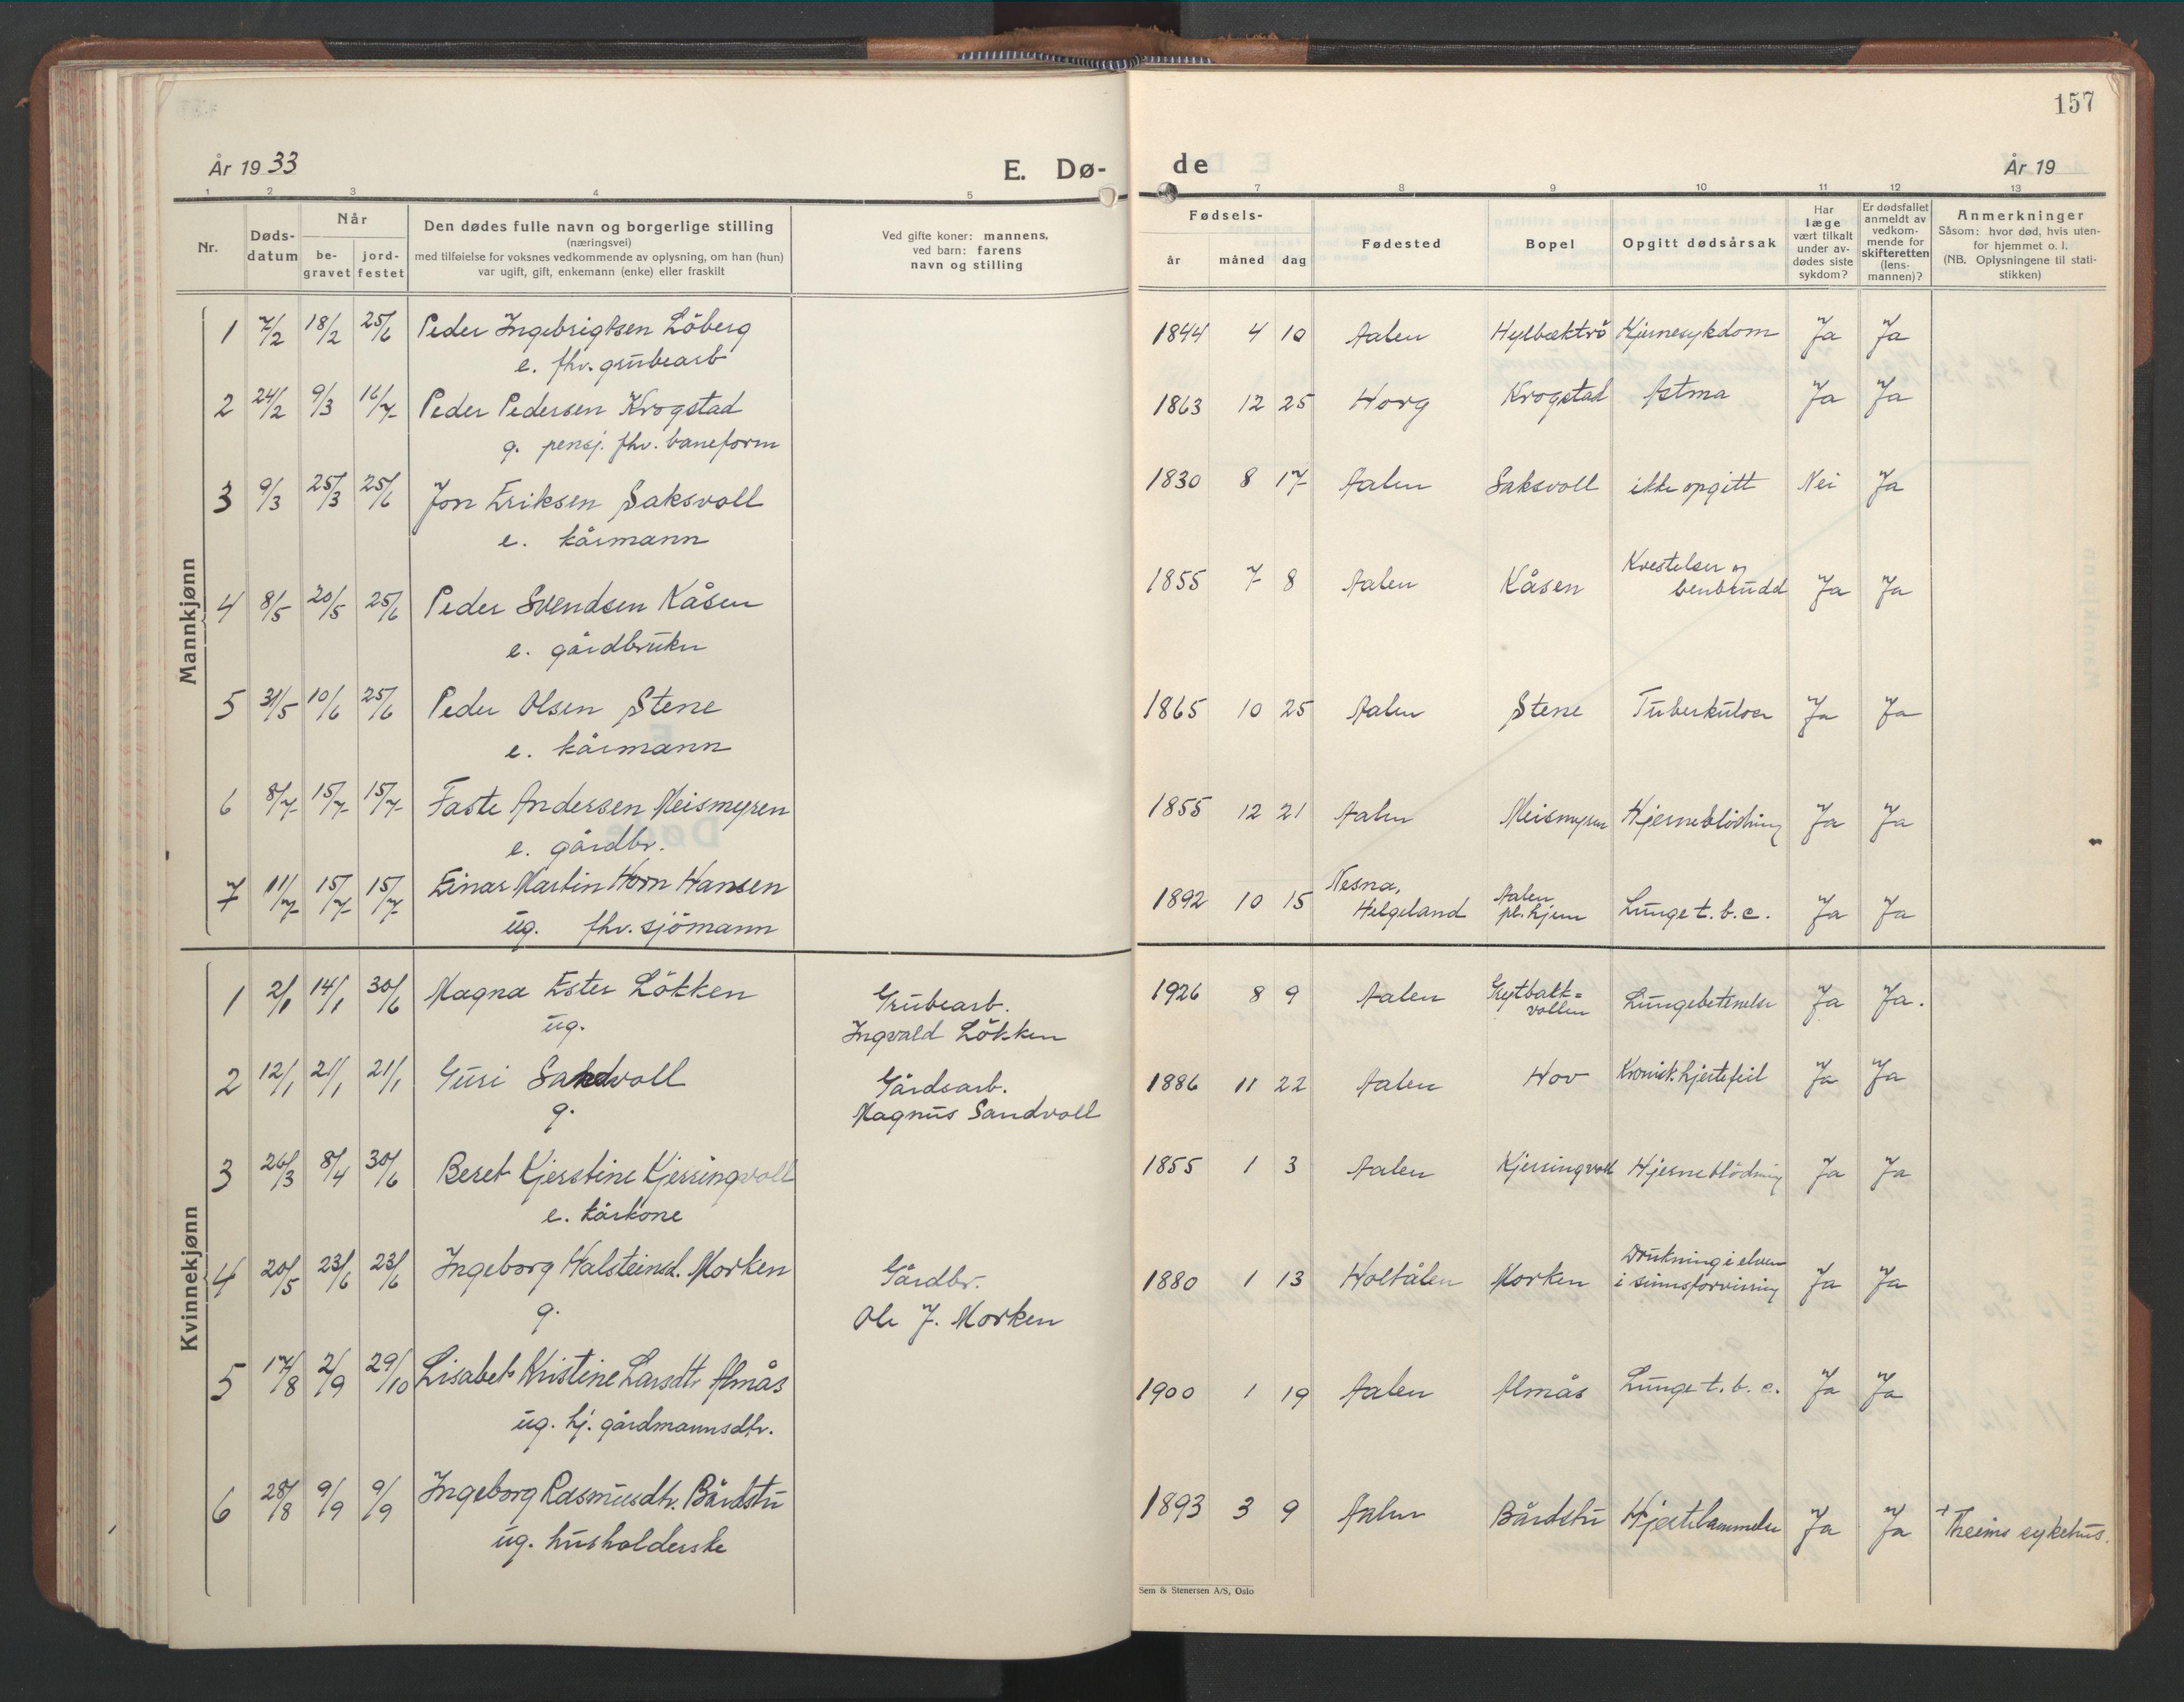 SAT, Ministerialprotokoller, klokkerbøker og fødselsregistre - Sør-Trøndelag, 686/L0986: Klokkerbok nr. 686C02, 1933-1950, s. 157